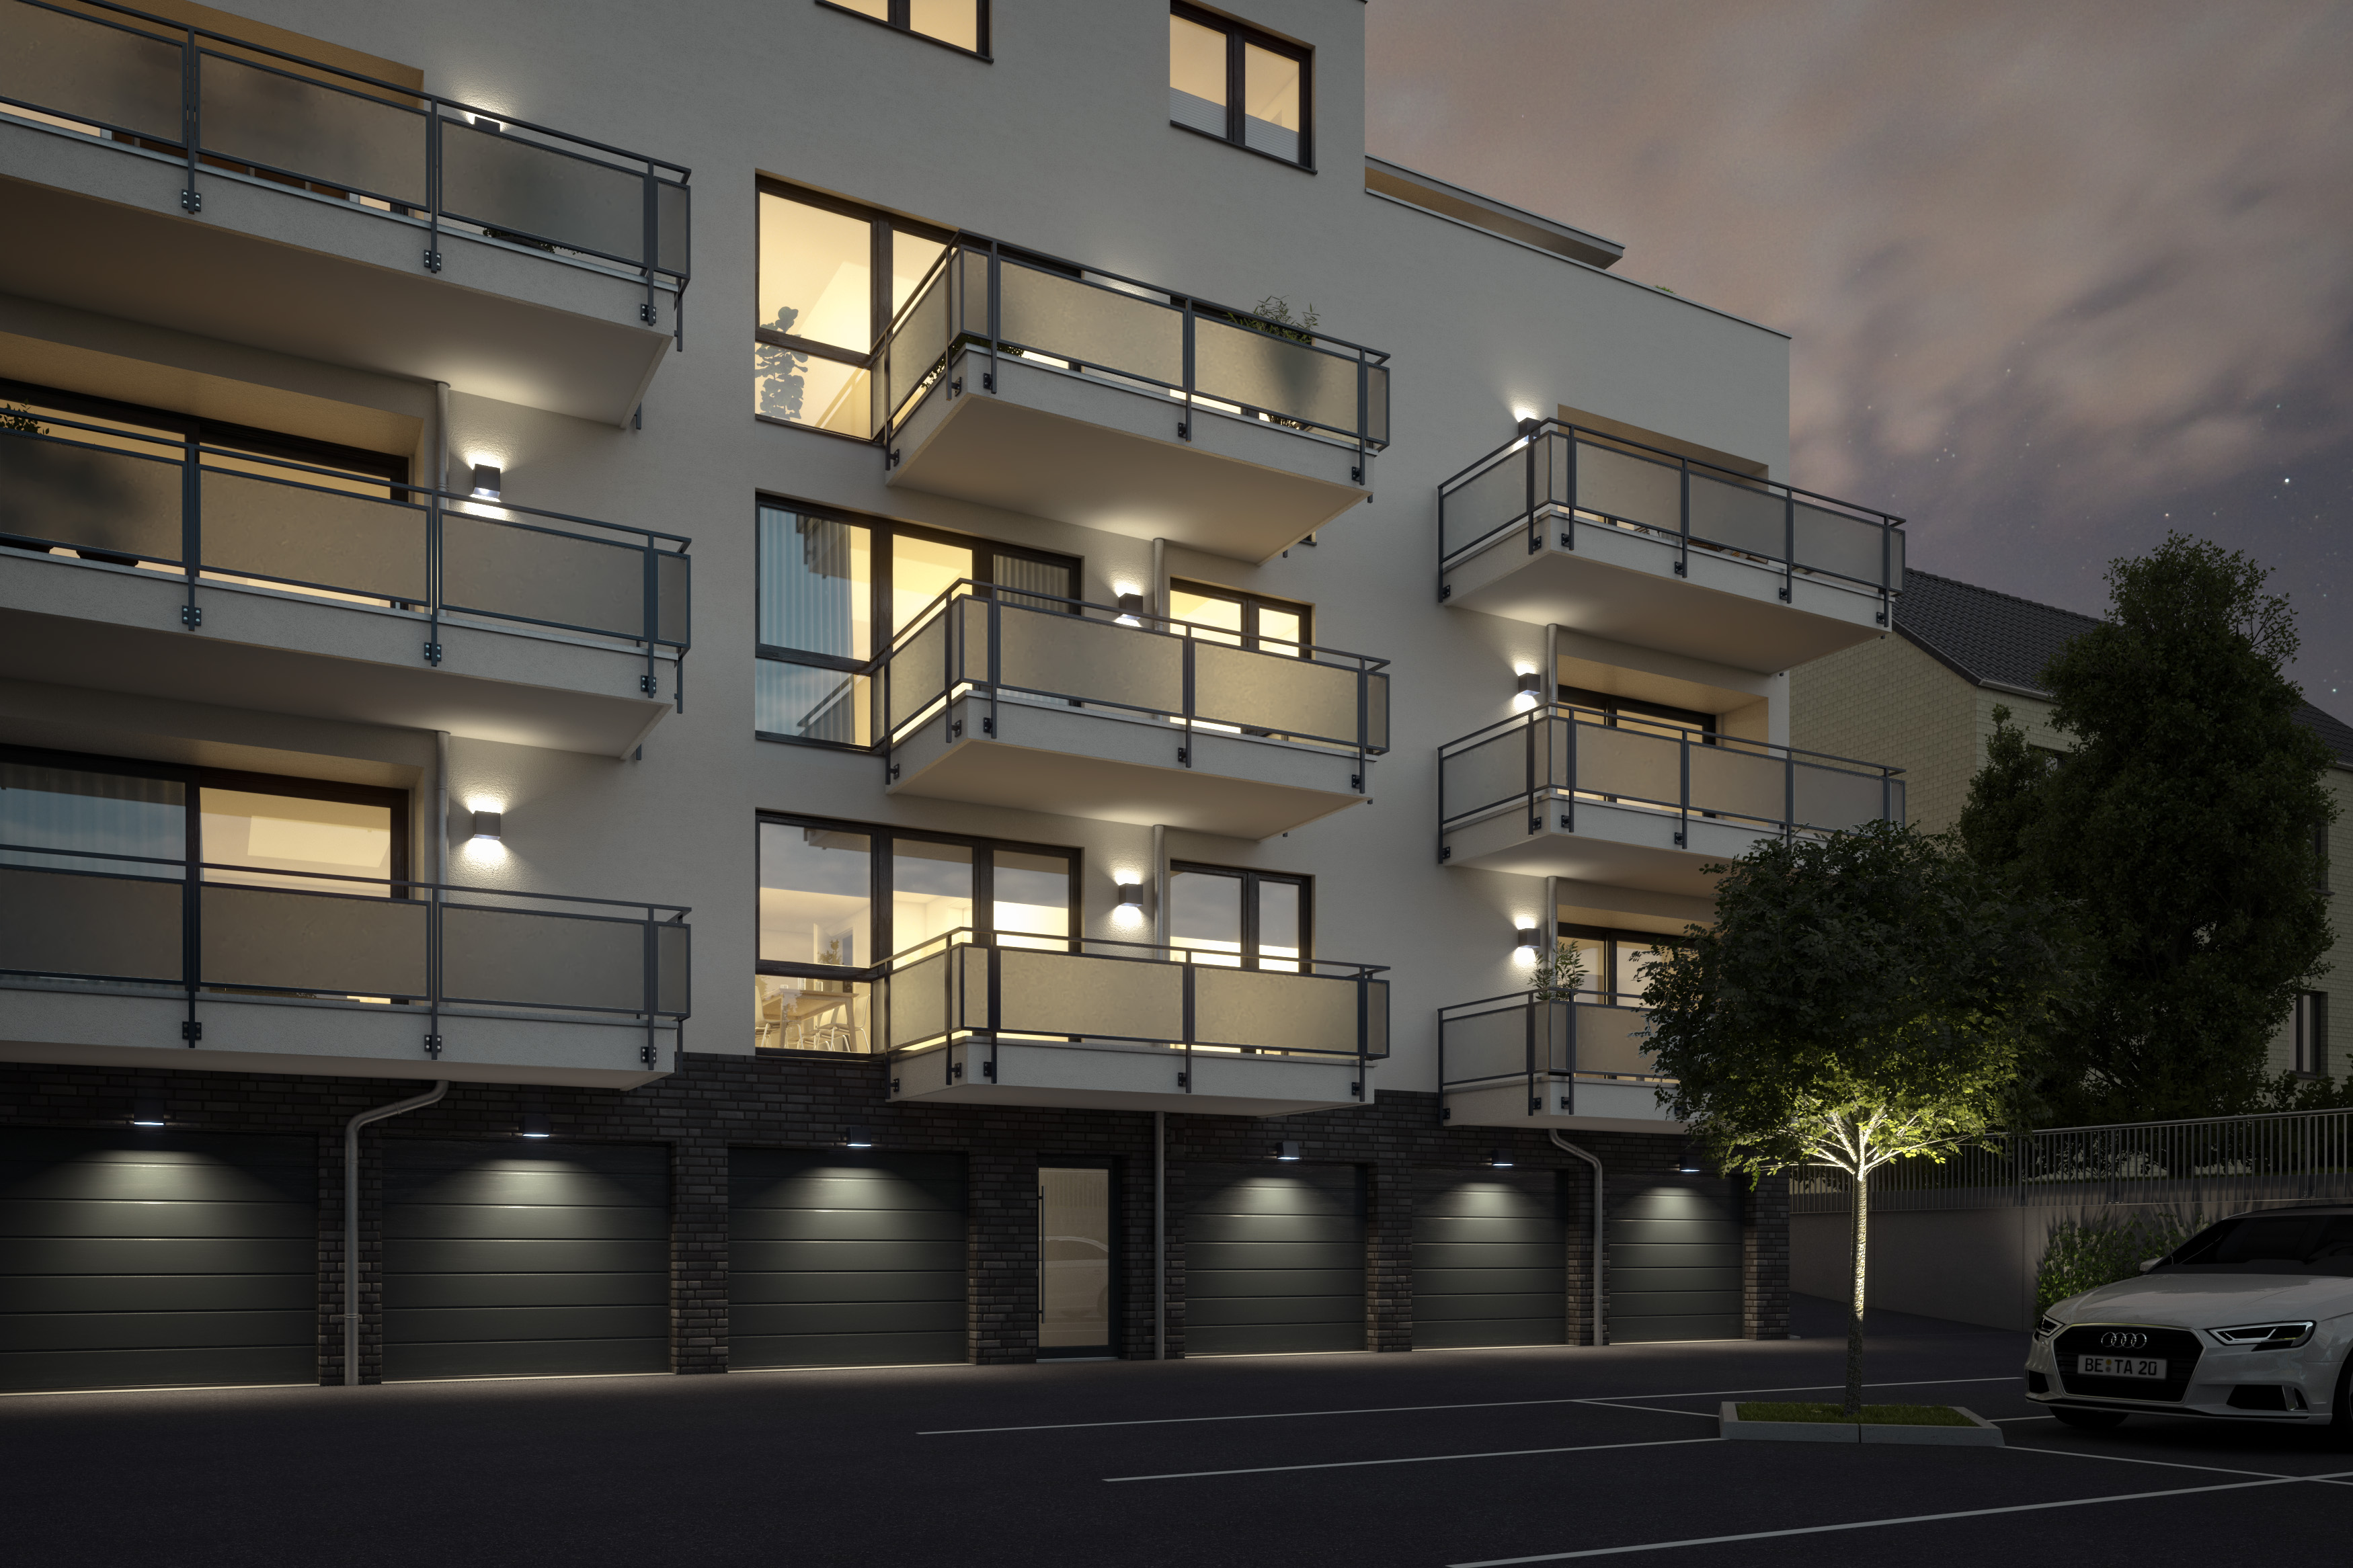 Architekturvisualisierung-ETW-Anlage-Garagenhof-Nacht